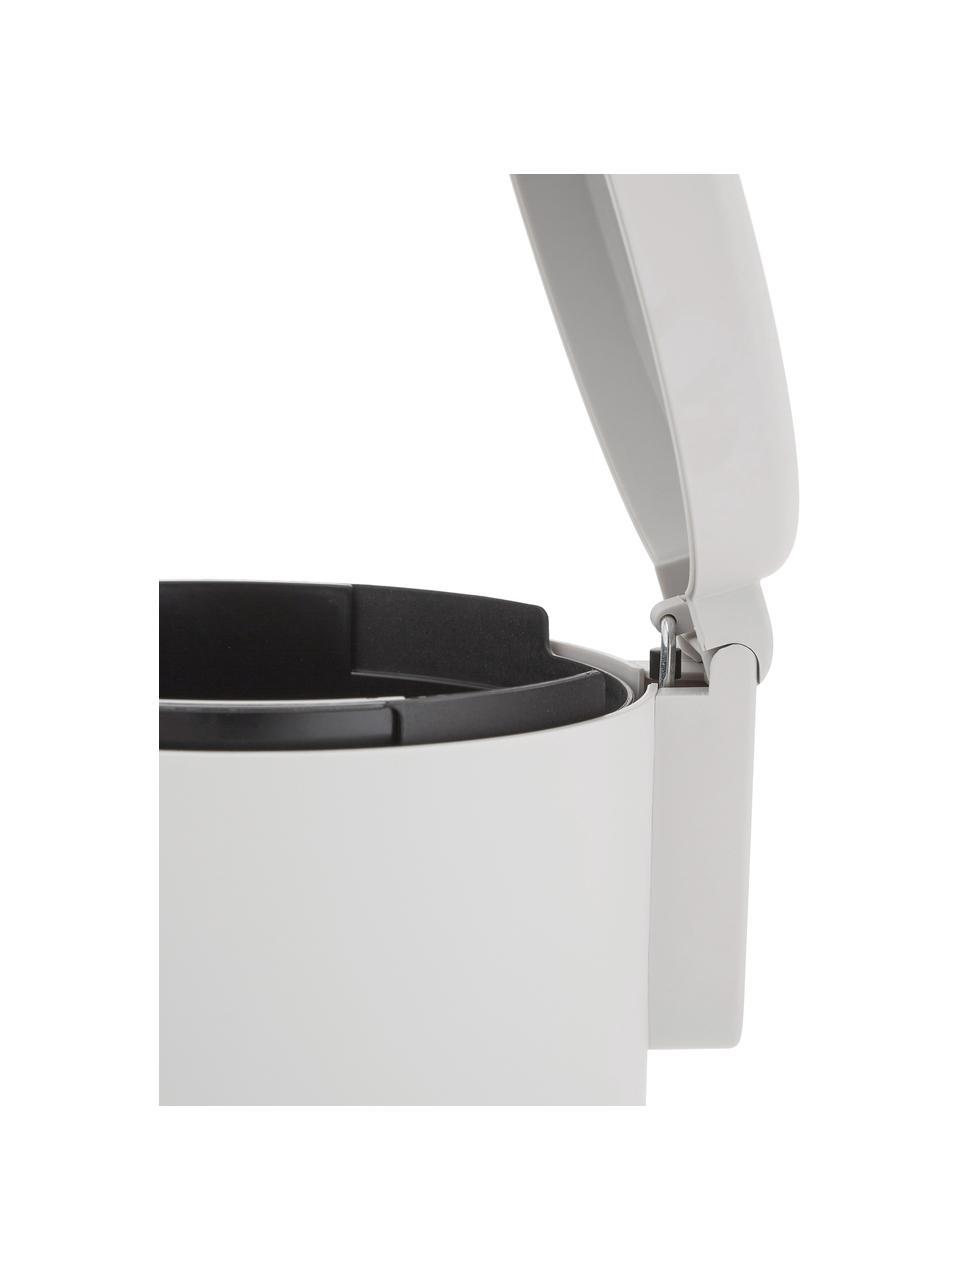 Kosz na śmieci z funkcją pedału Ume, Tworzywo sztuczne (ABS), Jasny szary, Ø 20 x W 22 cm